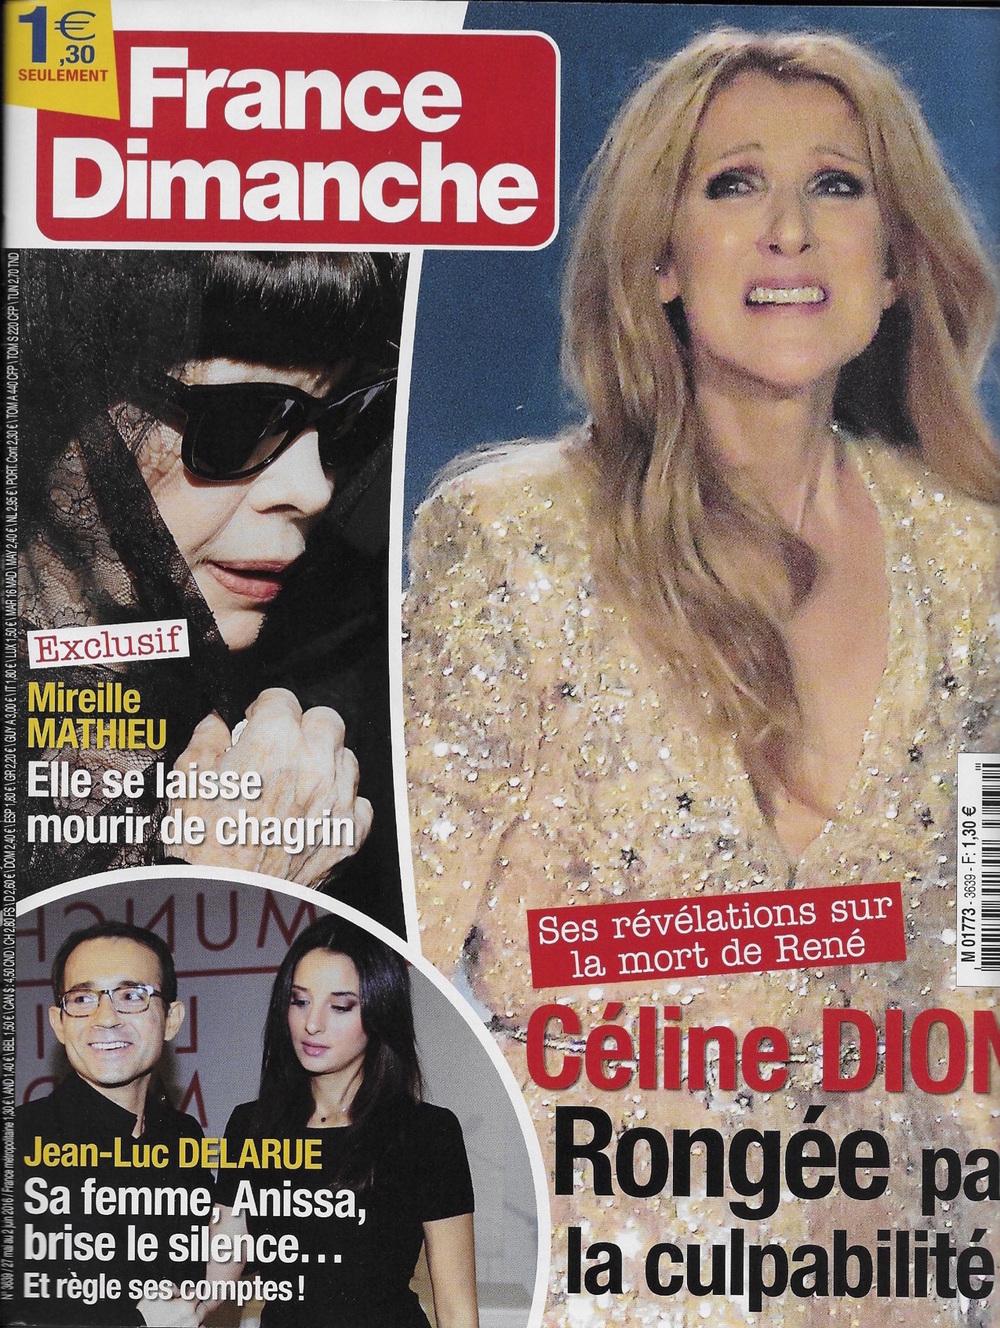 France Dimanche - Juin 2016 (Lien)